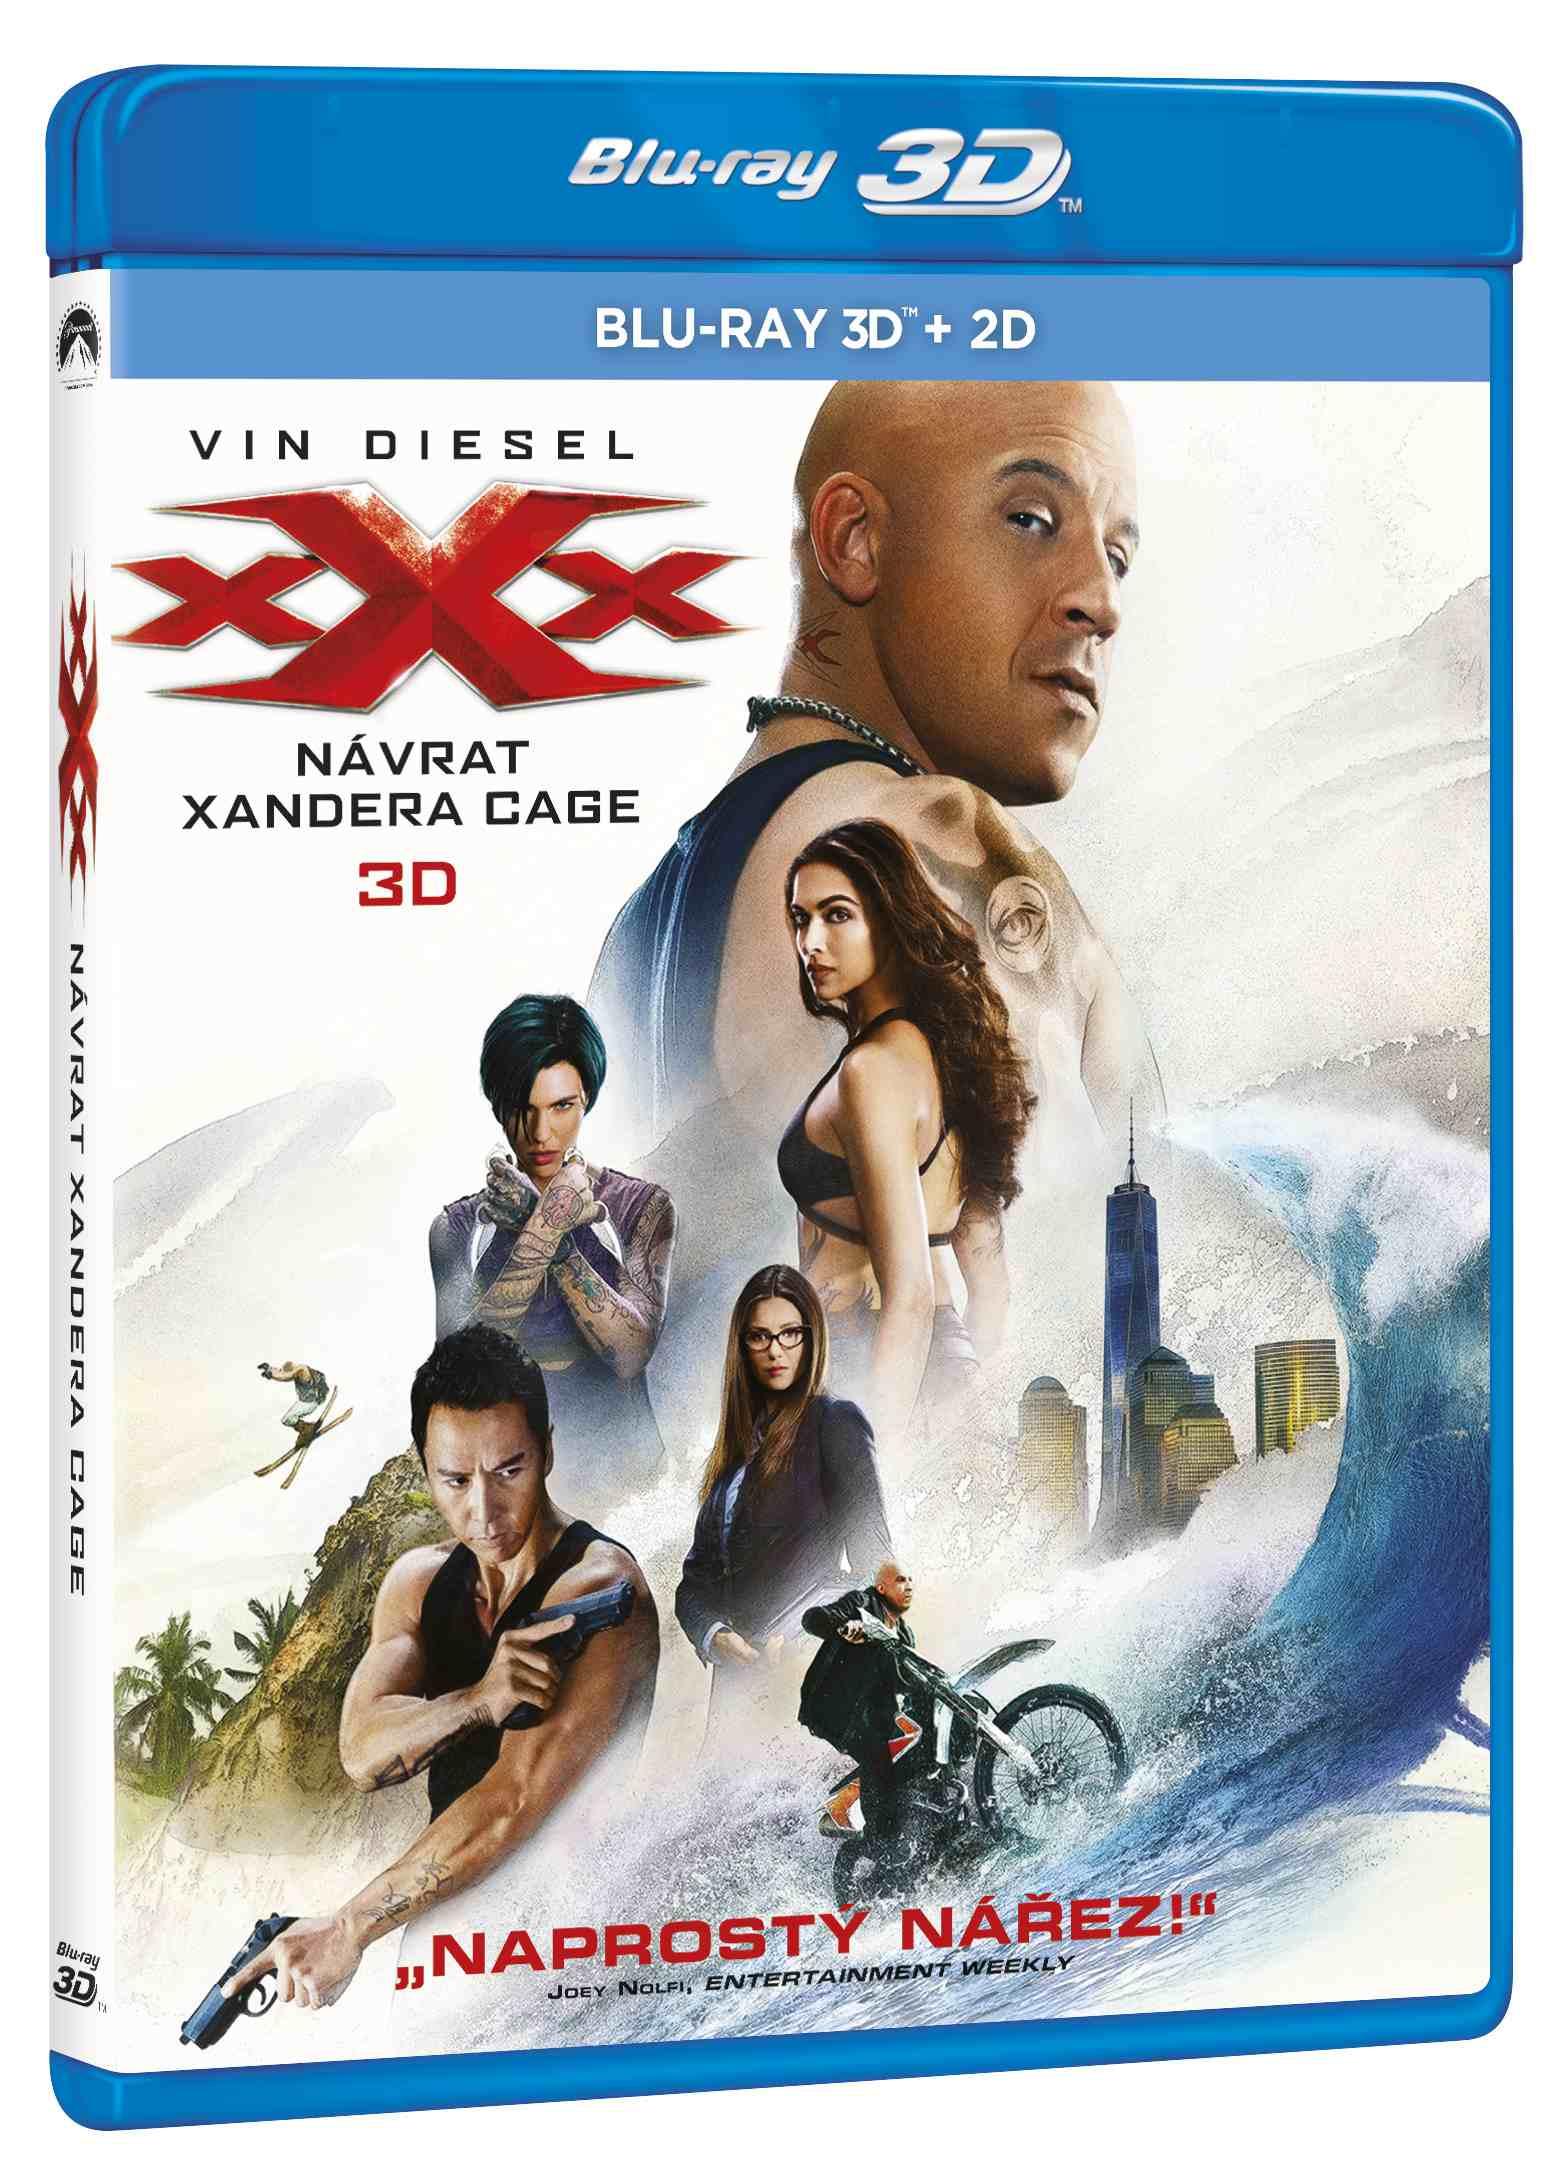 xXx: NÁVRAT XANDERA CAGE - Blu-ray 3D + 2D